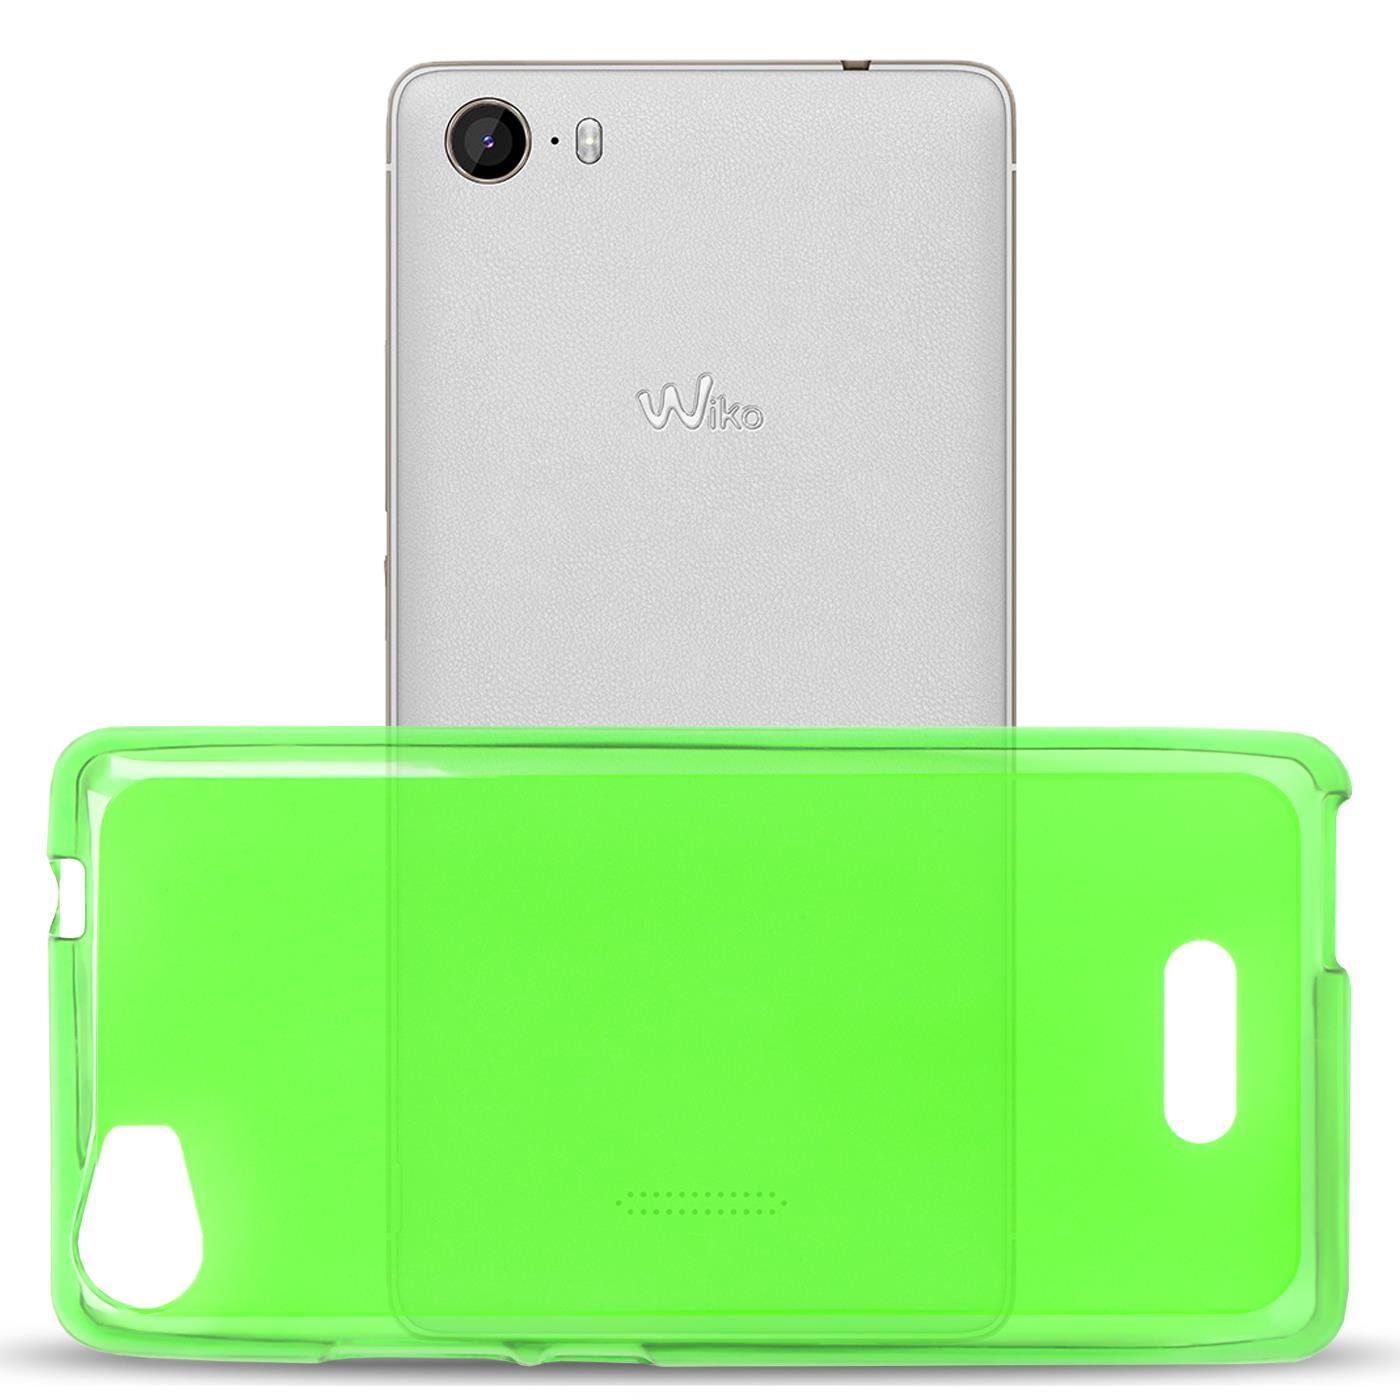 Duenn-Slim-Cover-Wiko-Fever-Handy-Huelle-Silikon-Case-Schutz-Tasche-Bumper-Gruen Indexbild 4